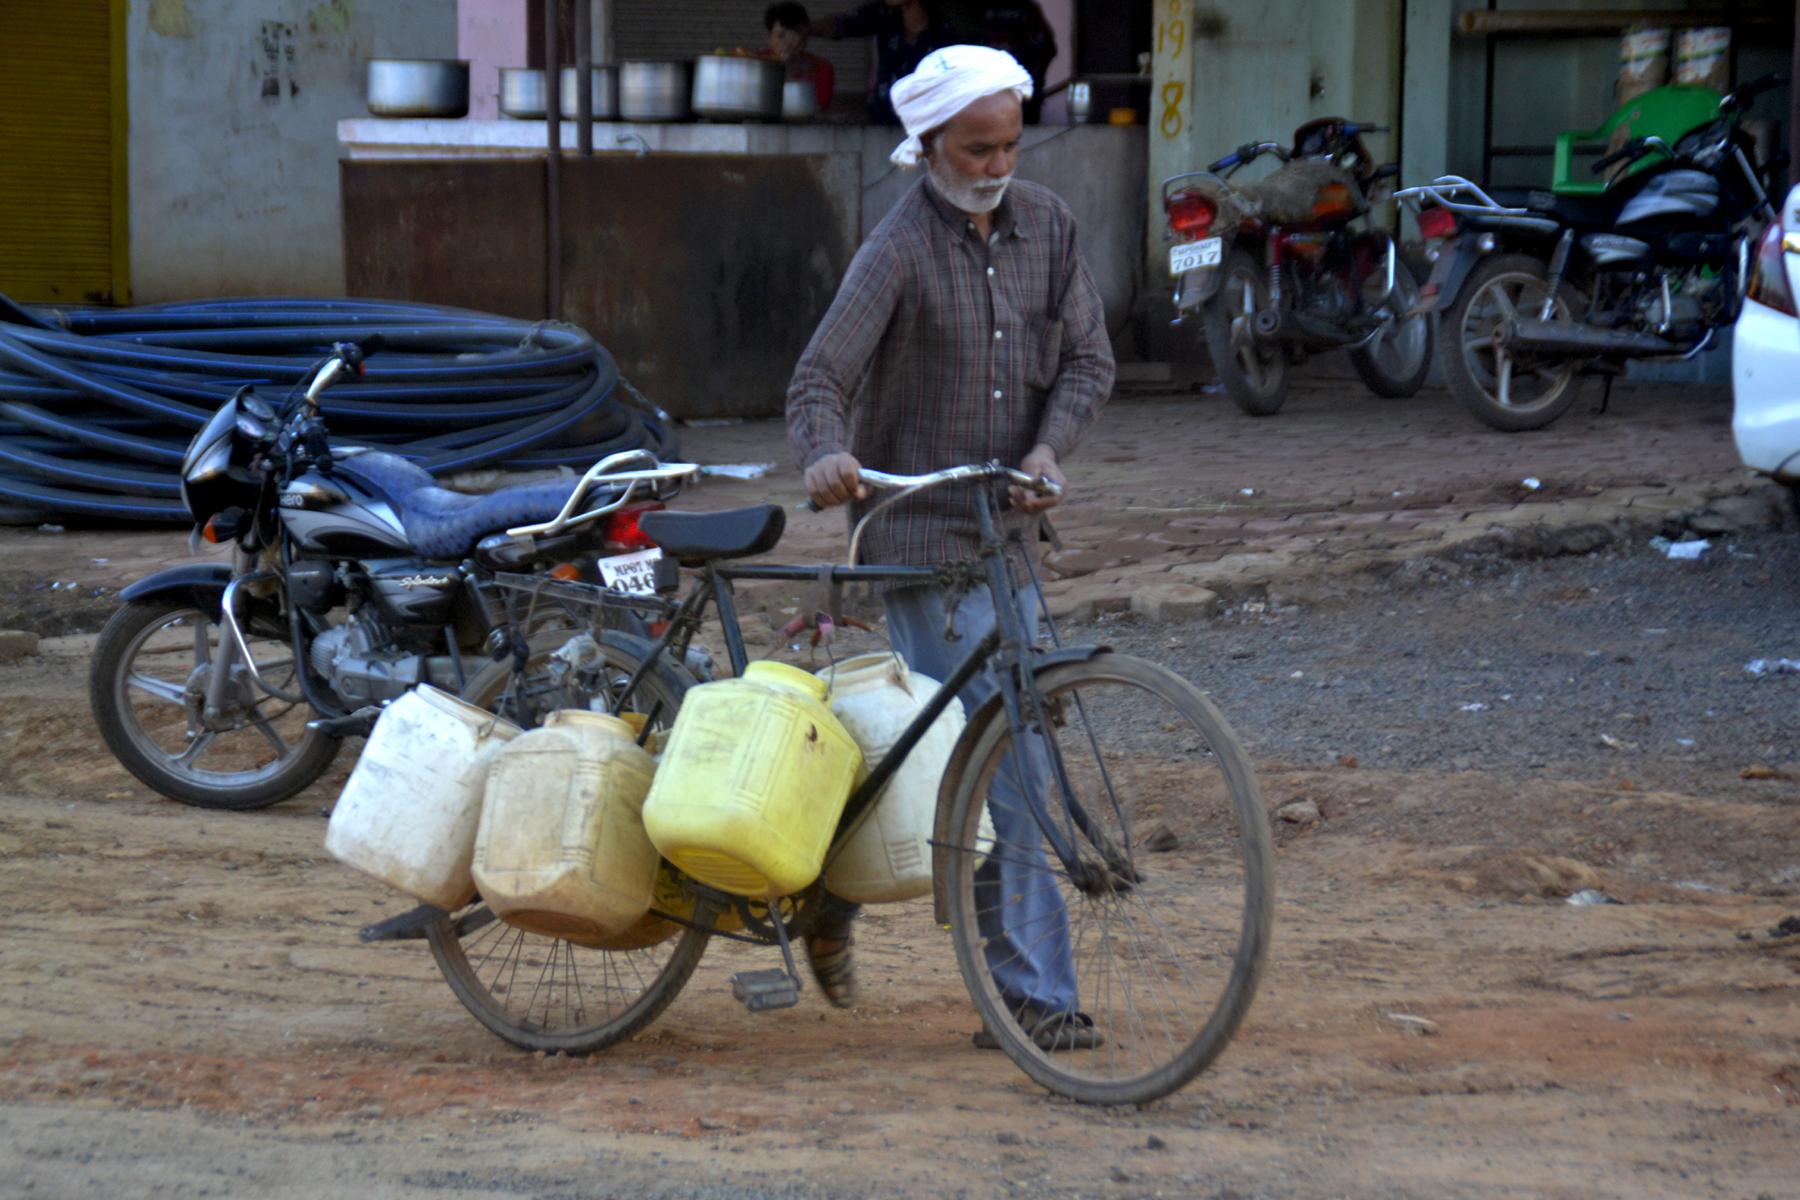 यहां सूखे पड़े हैं 200 हैंडपंप और 100 गांवों में पानी के गंभीर हालात